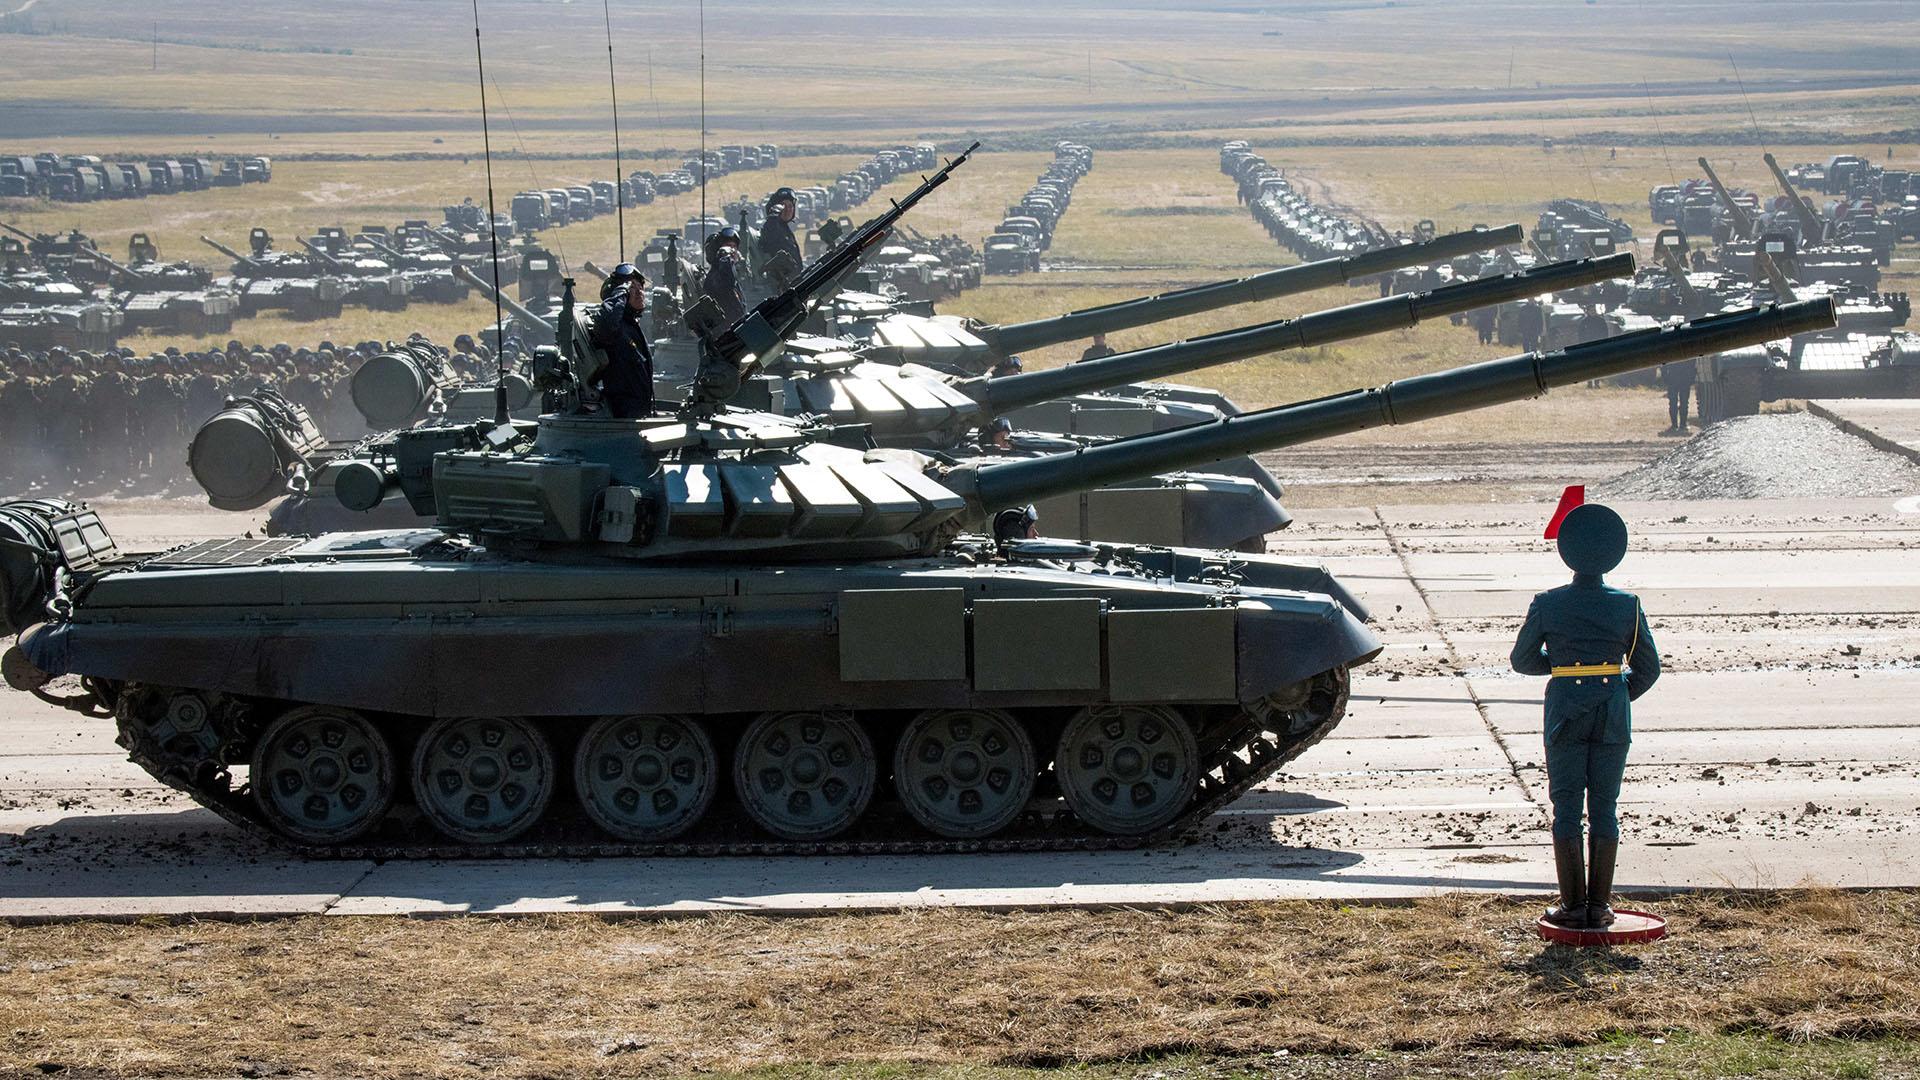 Interminables filas de tanques T-90 y vehículos de apoyo del ejército ruso